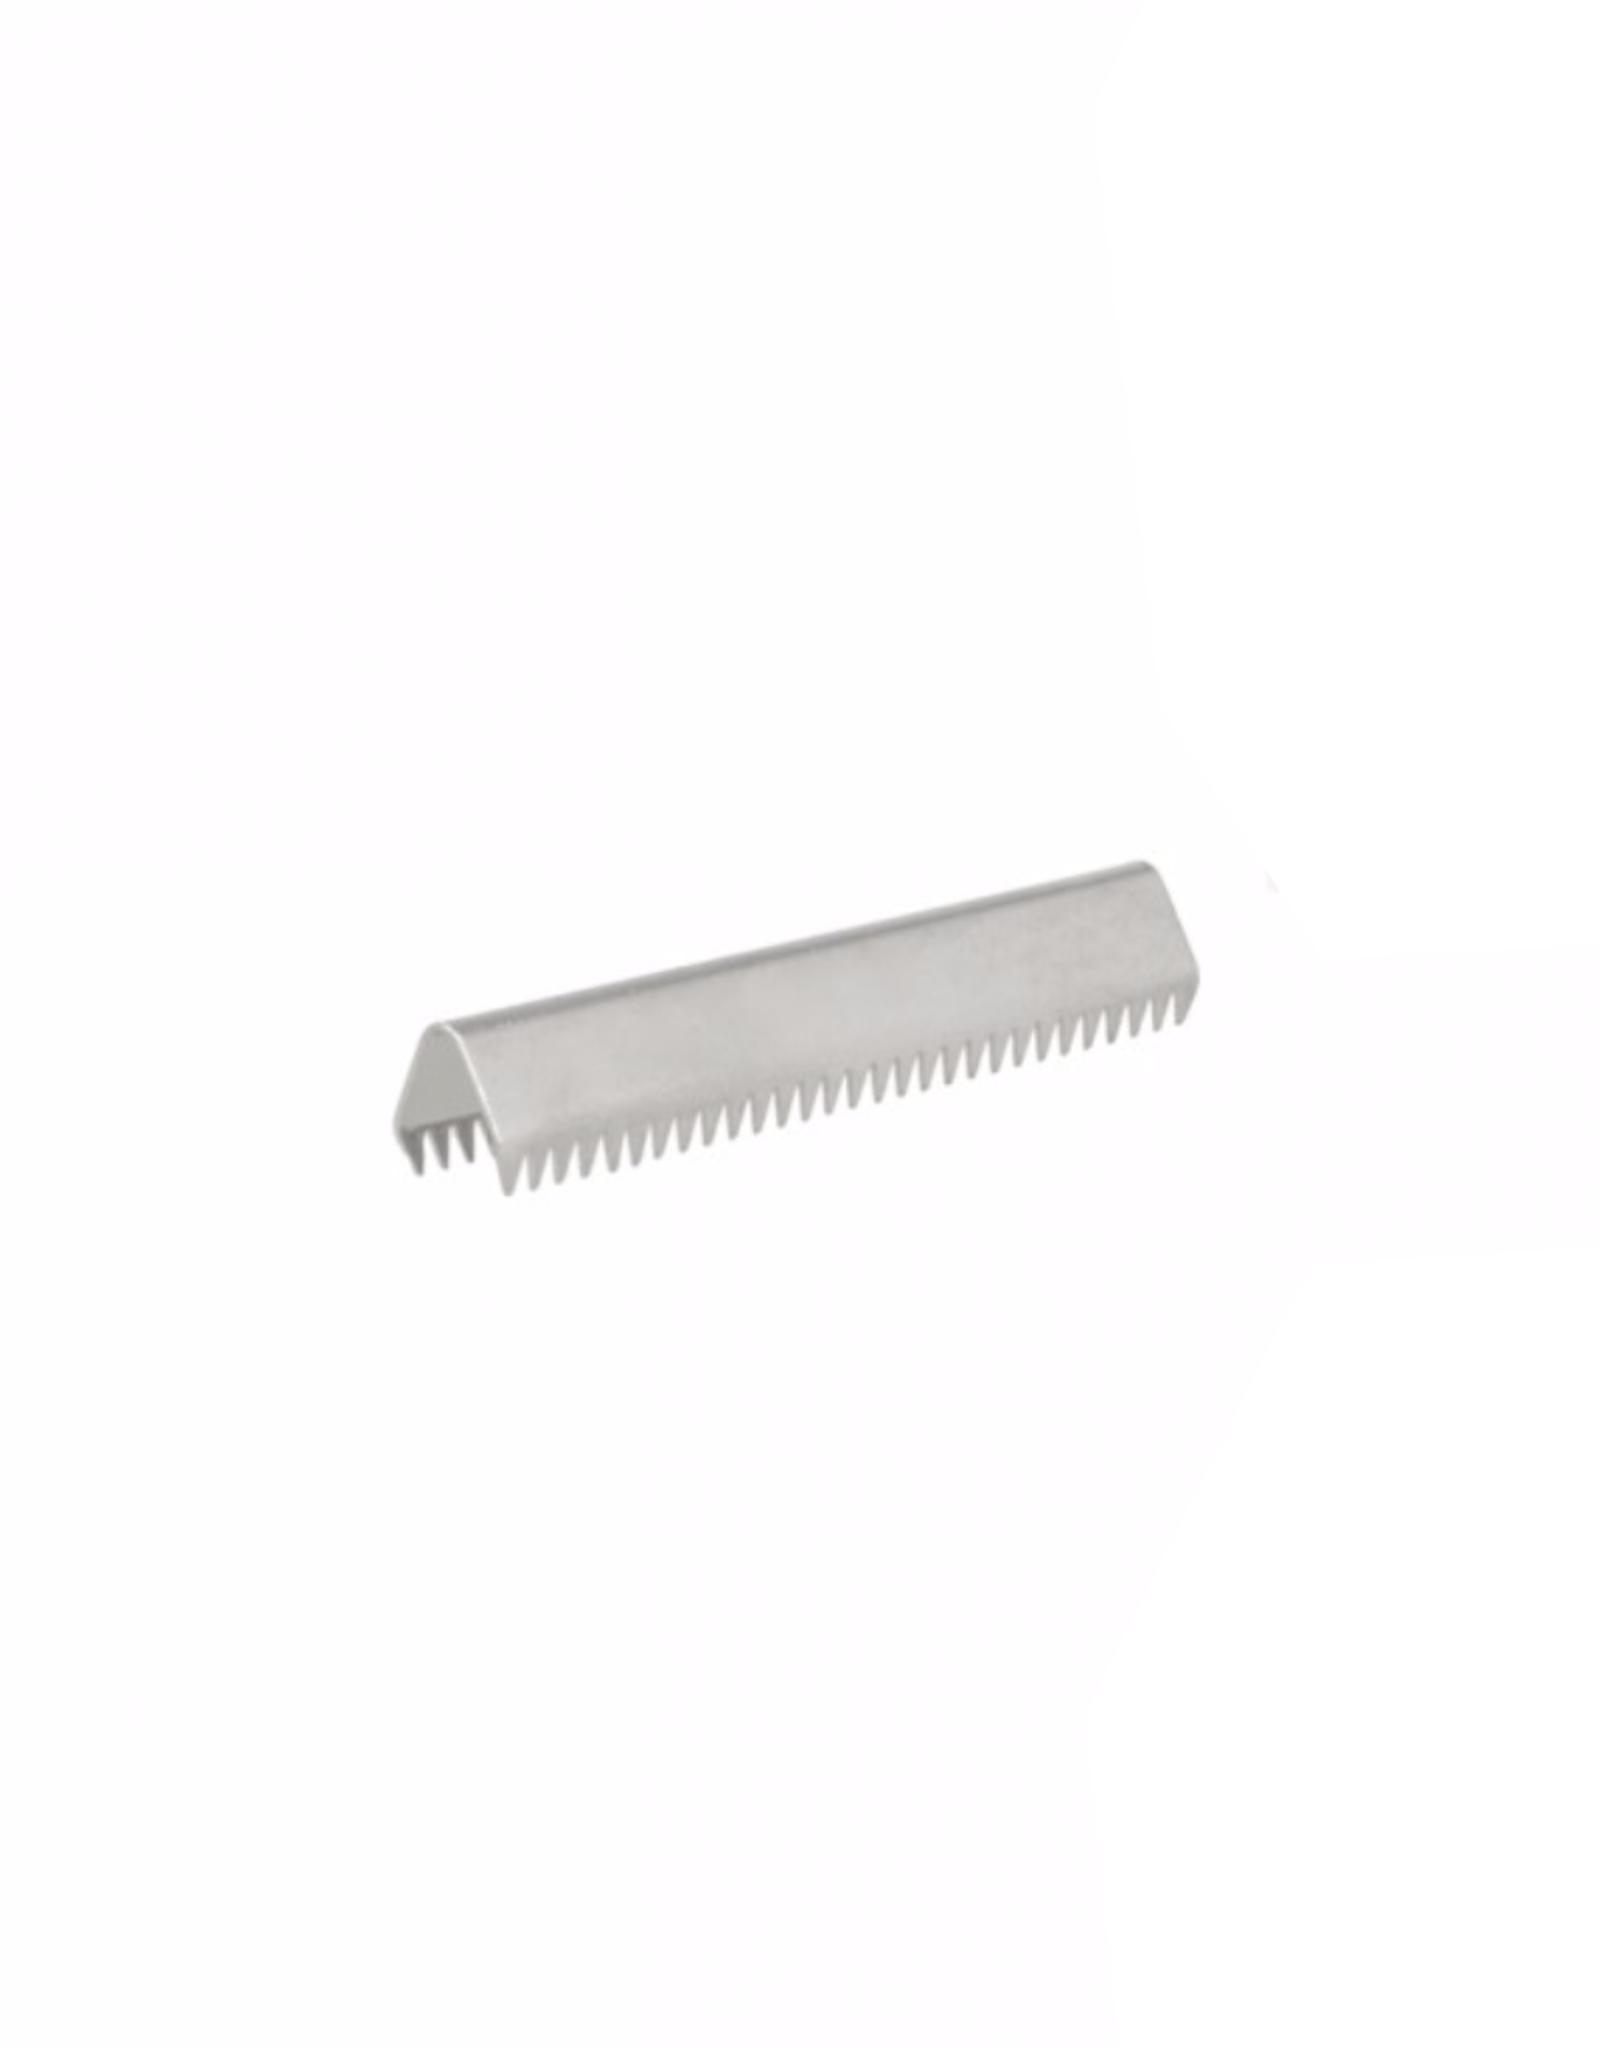 Eindje voor tassenband - 40mm - Zilver